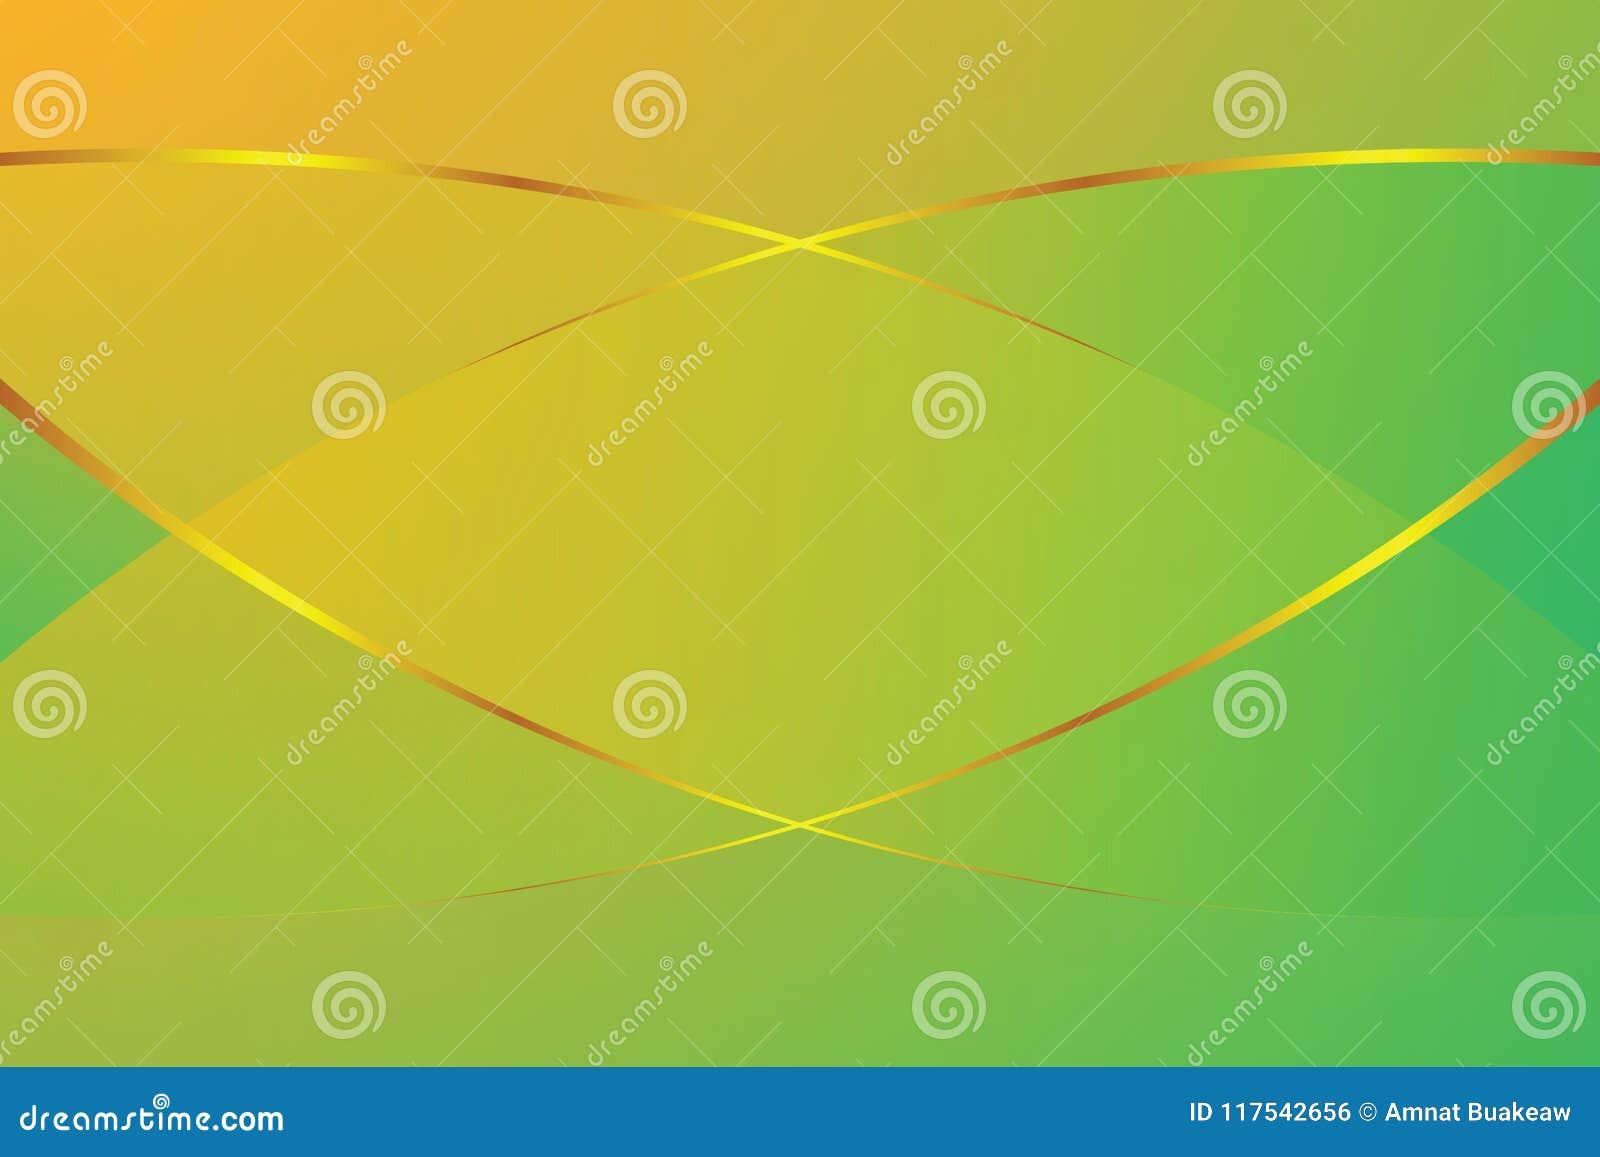 Πράσινη και κίτρινη μαλακή ελαφριά και χρυσή γραμμή χρώματος κλίσης γραφική για το σύγχρονο υπόβαθρο πολυτέλειας διαφήμισης εμβλη